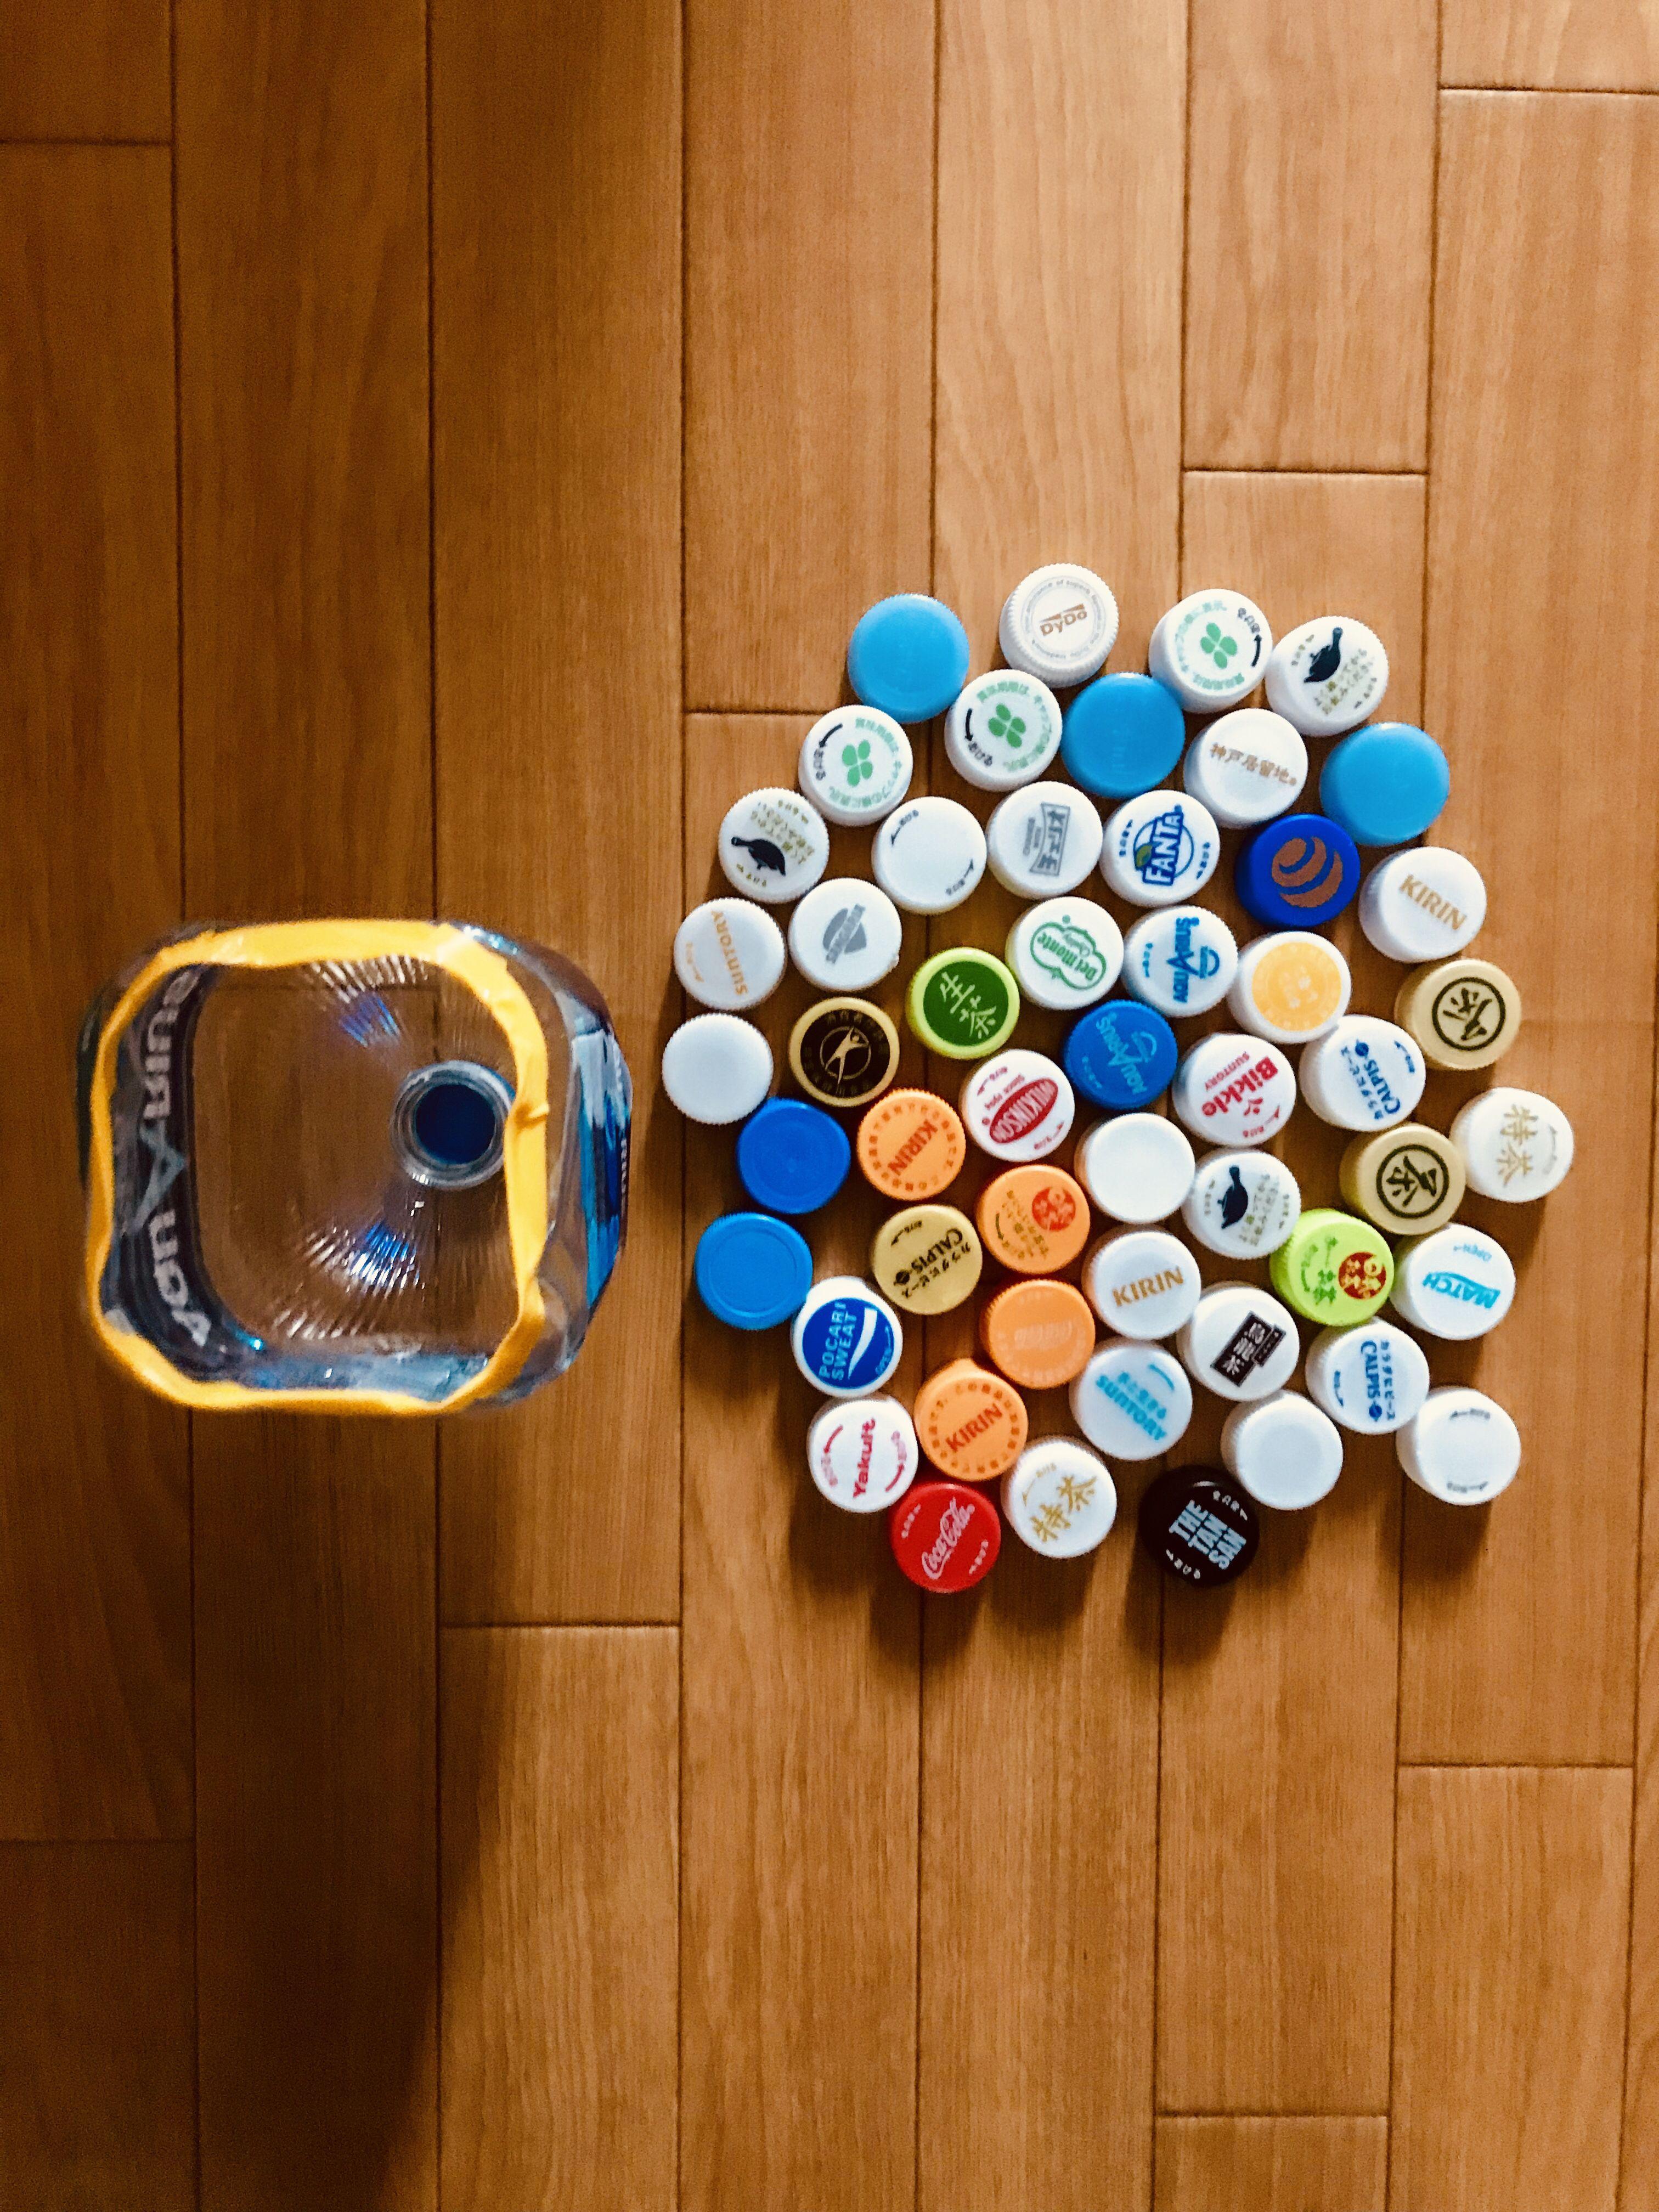 ボトル キャップ 工作 ペット ペットボトルキャップを使った工作例10選!子供でも簡単に雑貨が作れる作り方も!